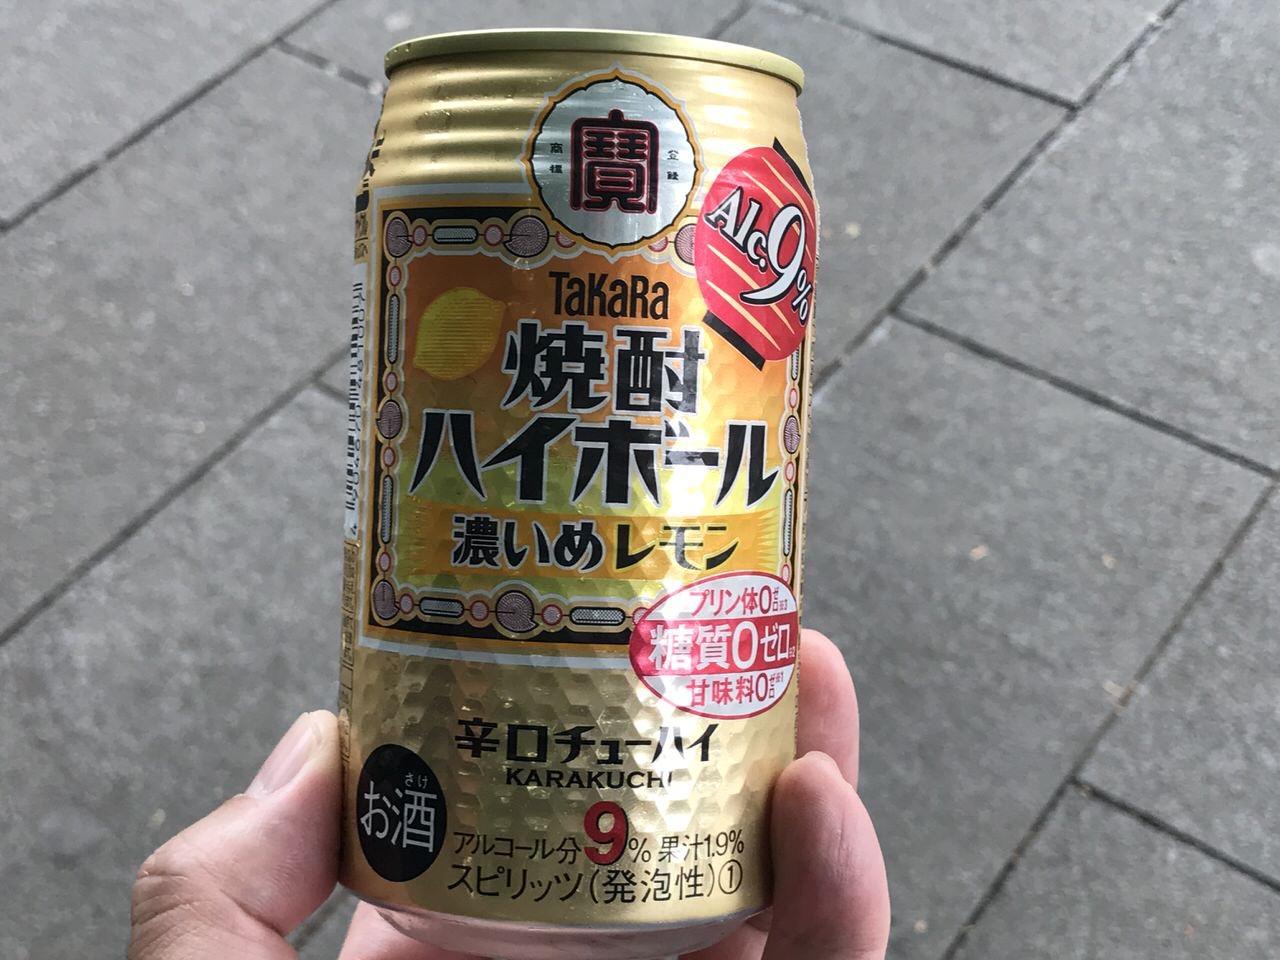 タカラ焼酎ハイボール 濃いめレモン 2